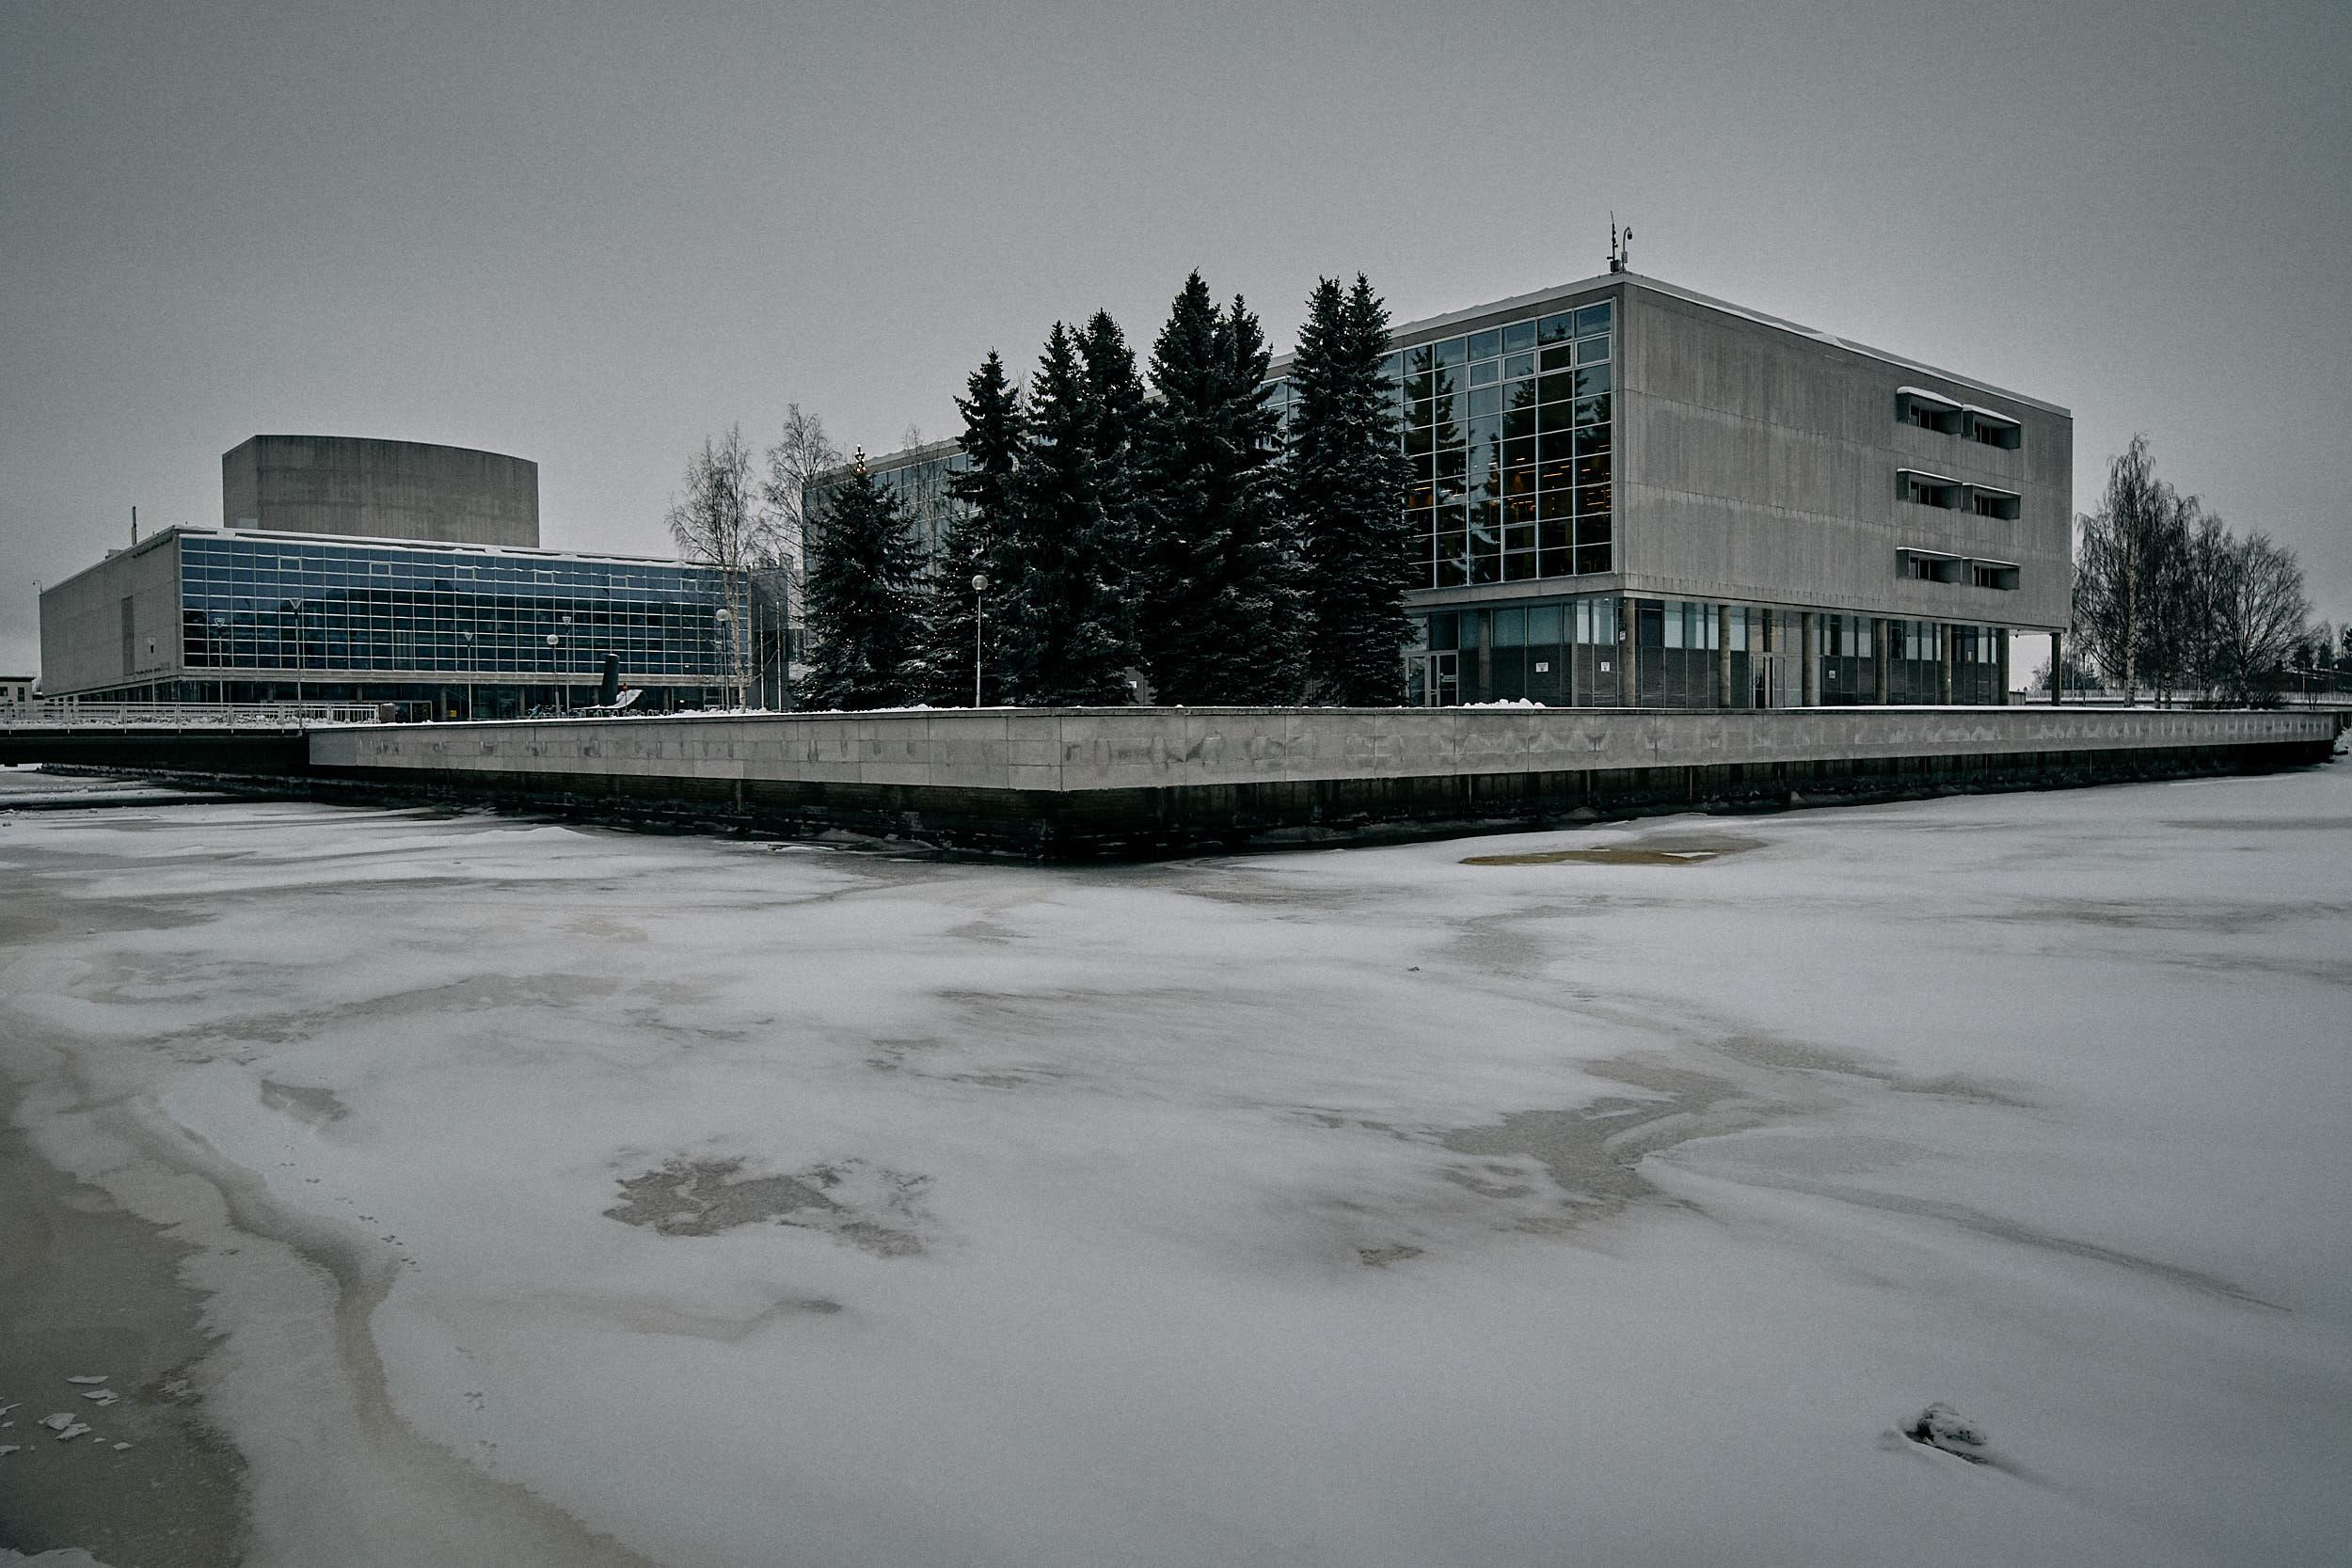 15 mm - 2019-01-05 12.59.31 - Oulu City.jpg